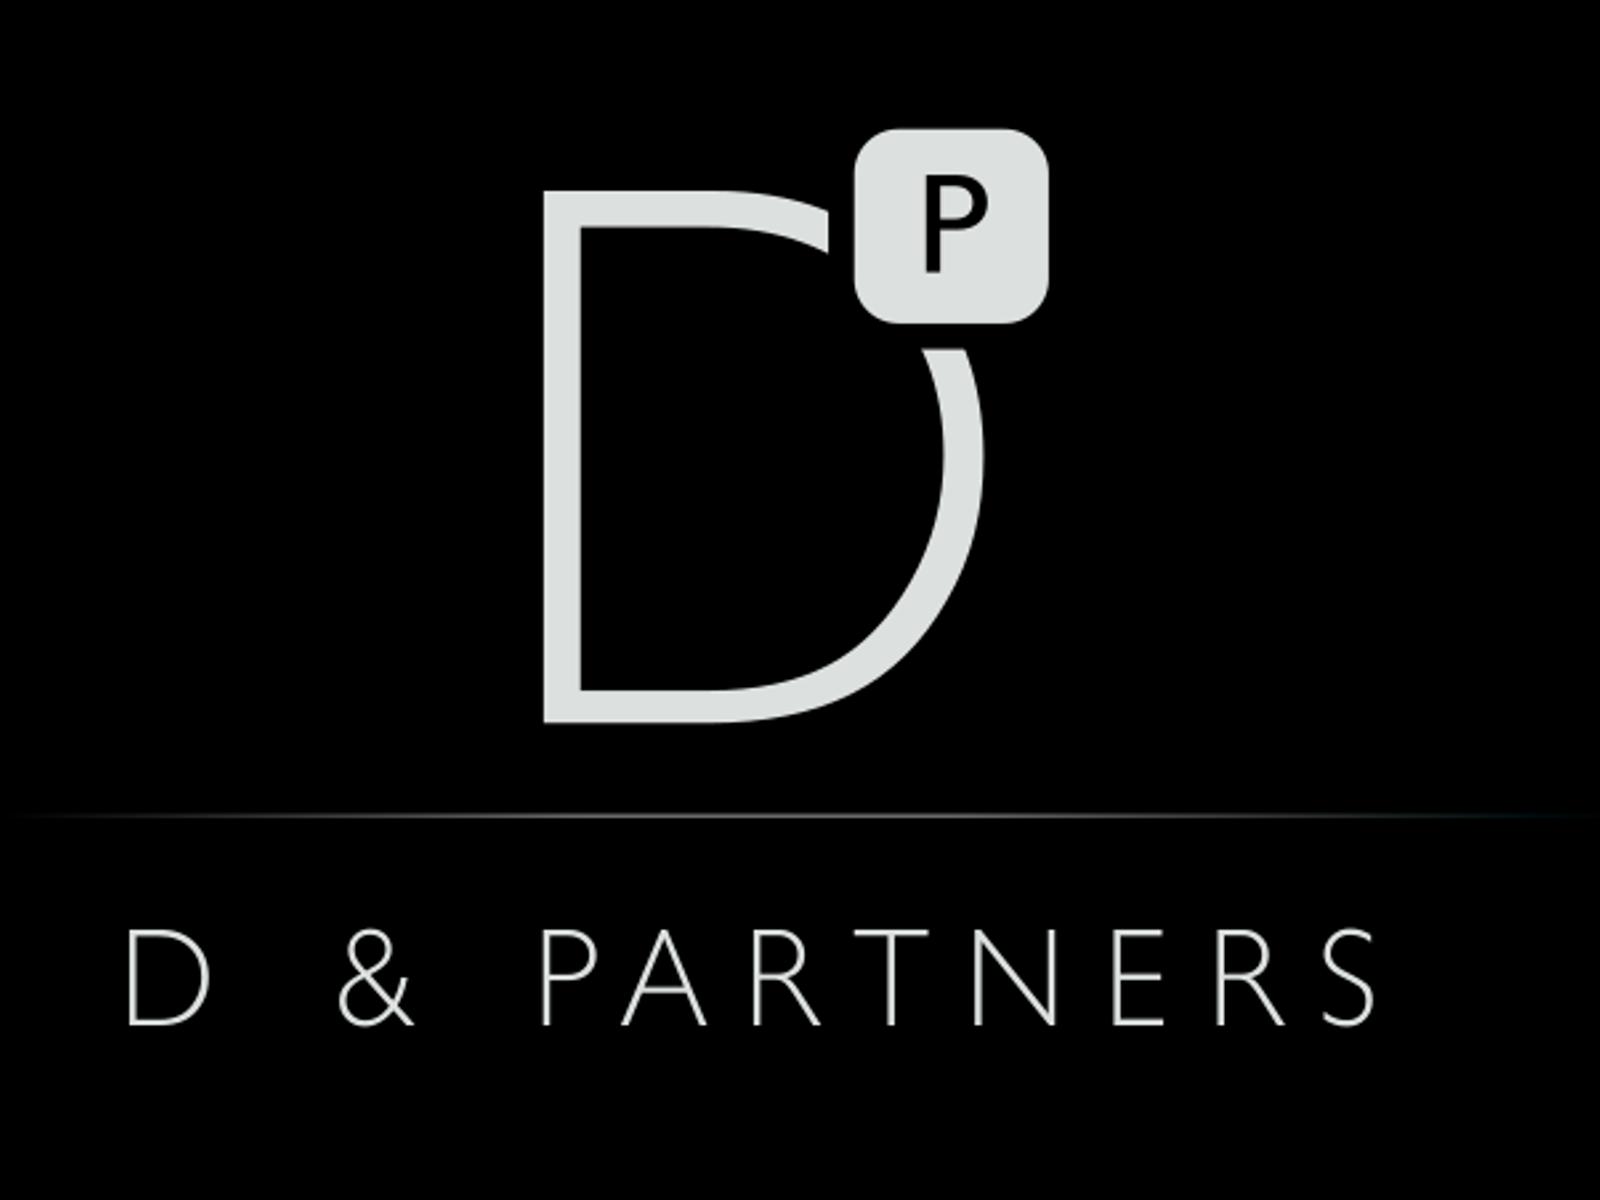 D & Partners